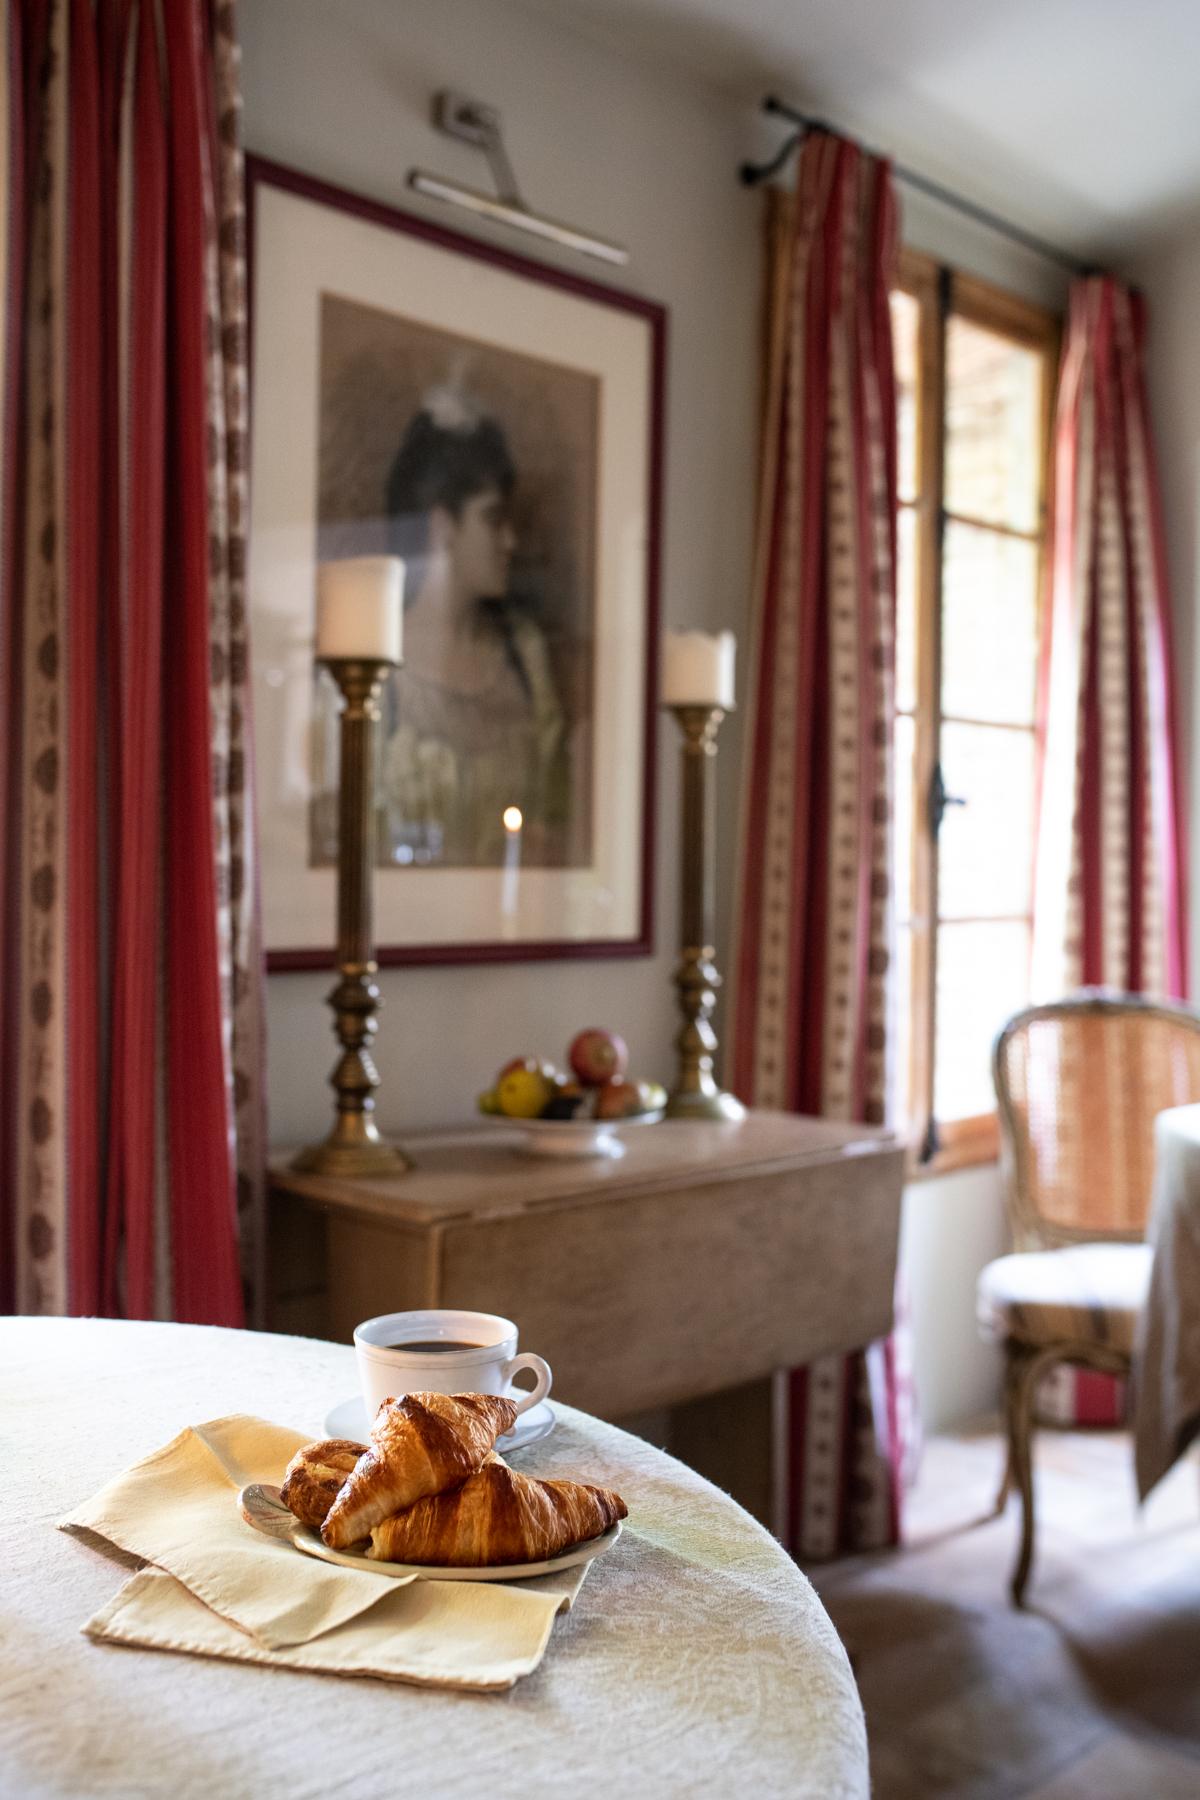 Les Rosees Mougins France x Stacie Flinner-6.jpg